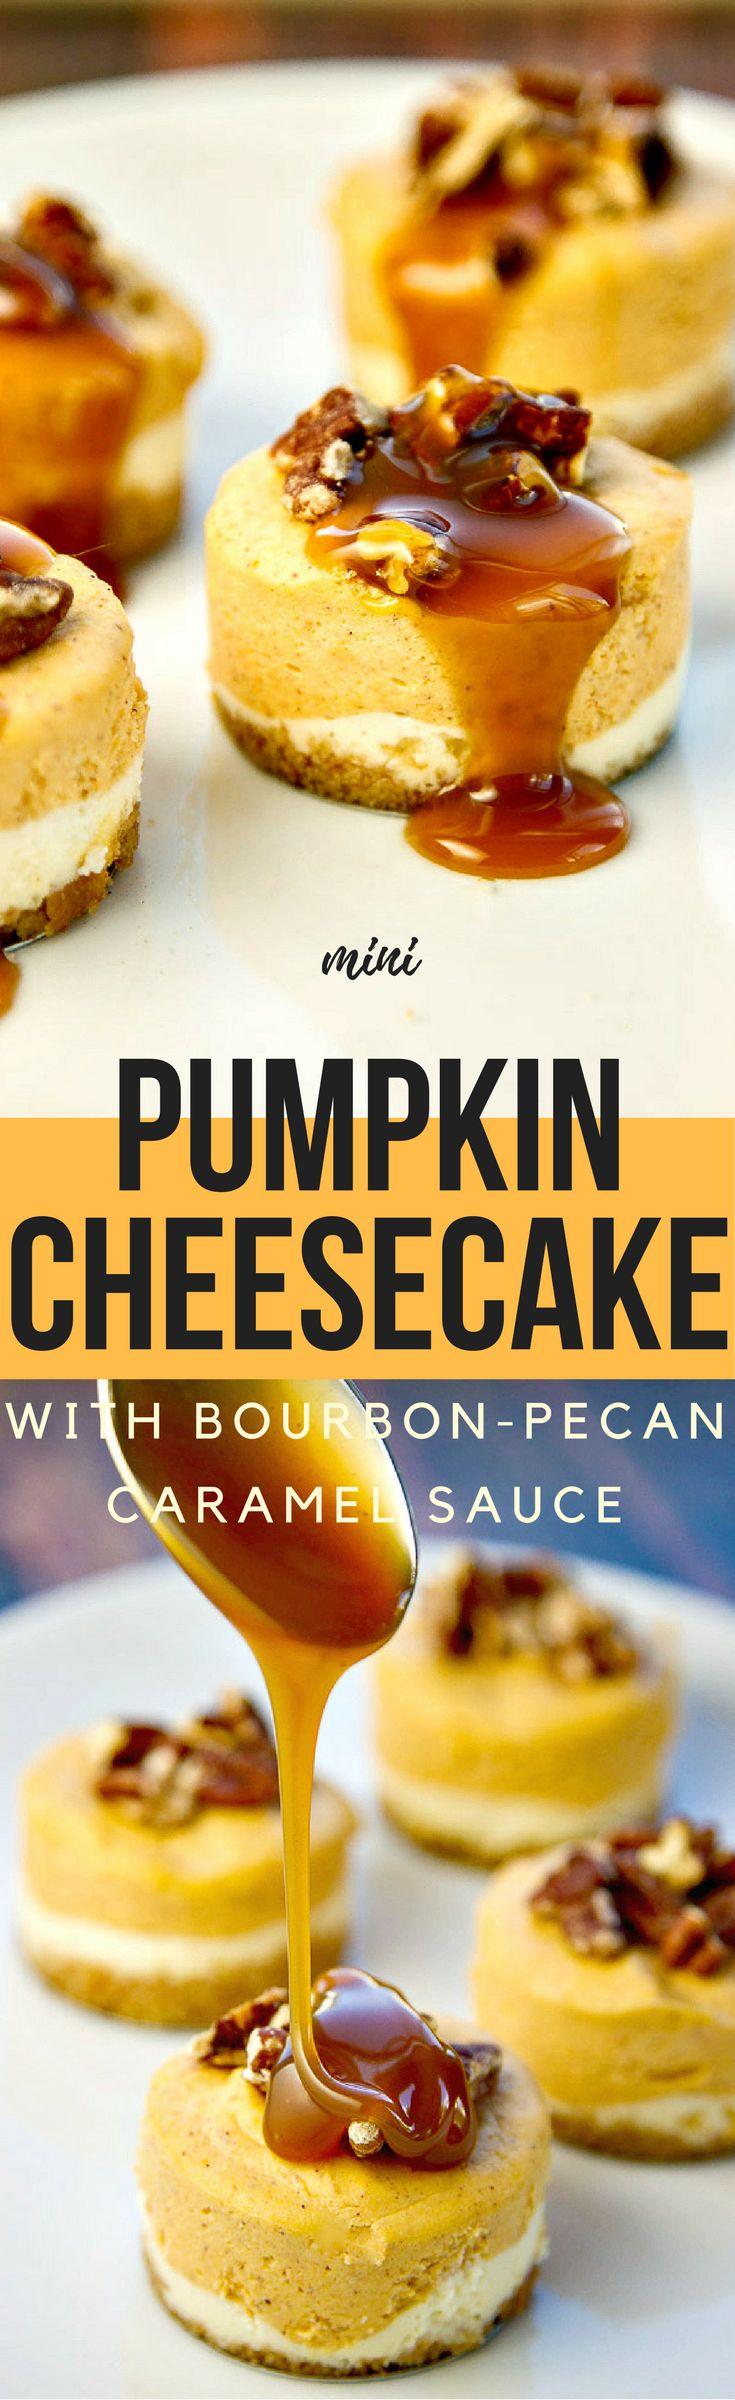 Mini Pumpkin Cheesecakes with Bourbon-Pecan Caramel Sauce